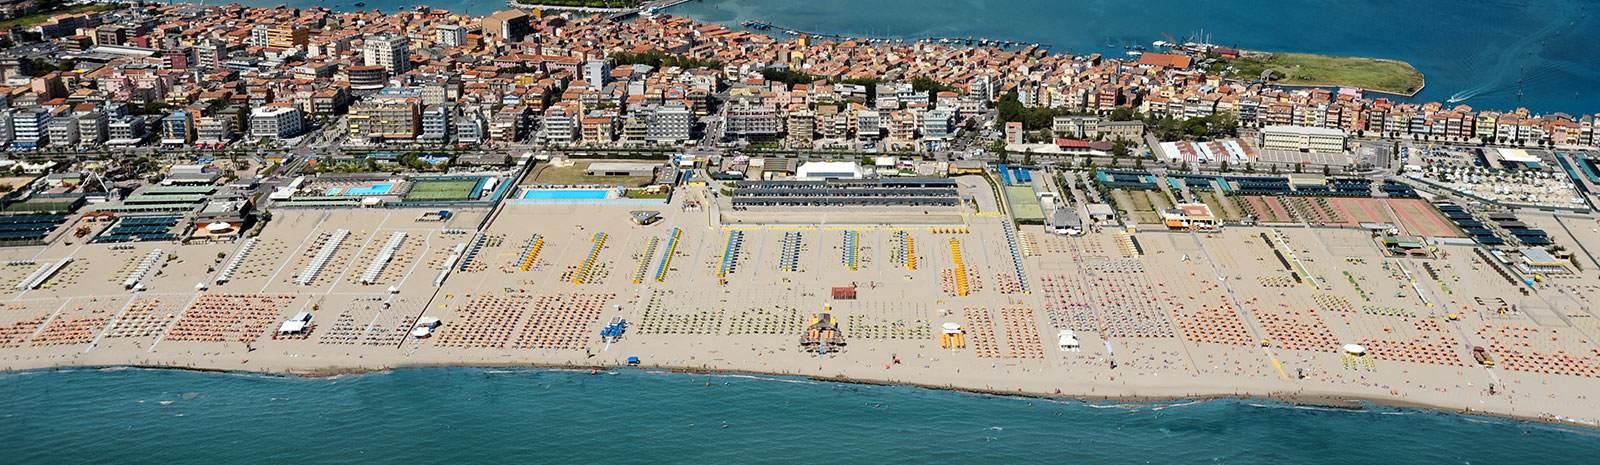 Matrimonio Spiaggia Sottomarina : Hotel chioggia mare sulla spiaggia di sottomarina